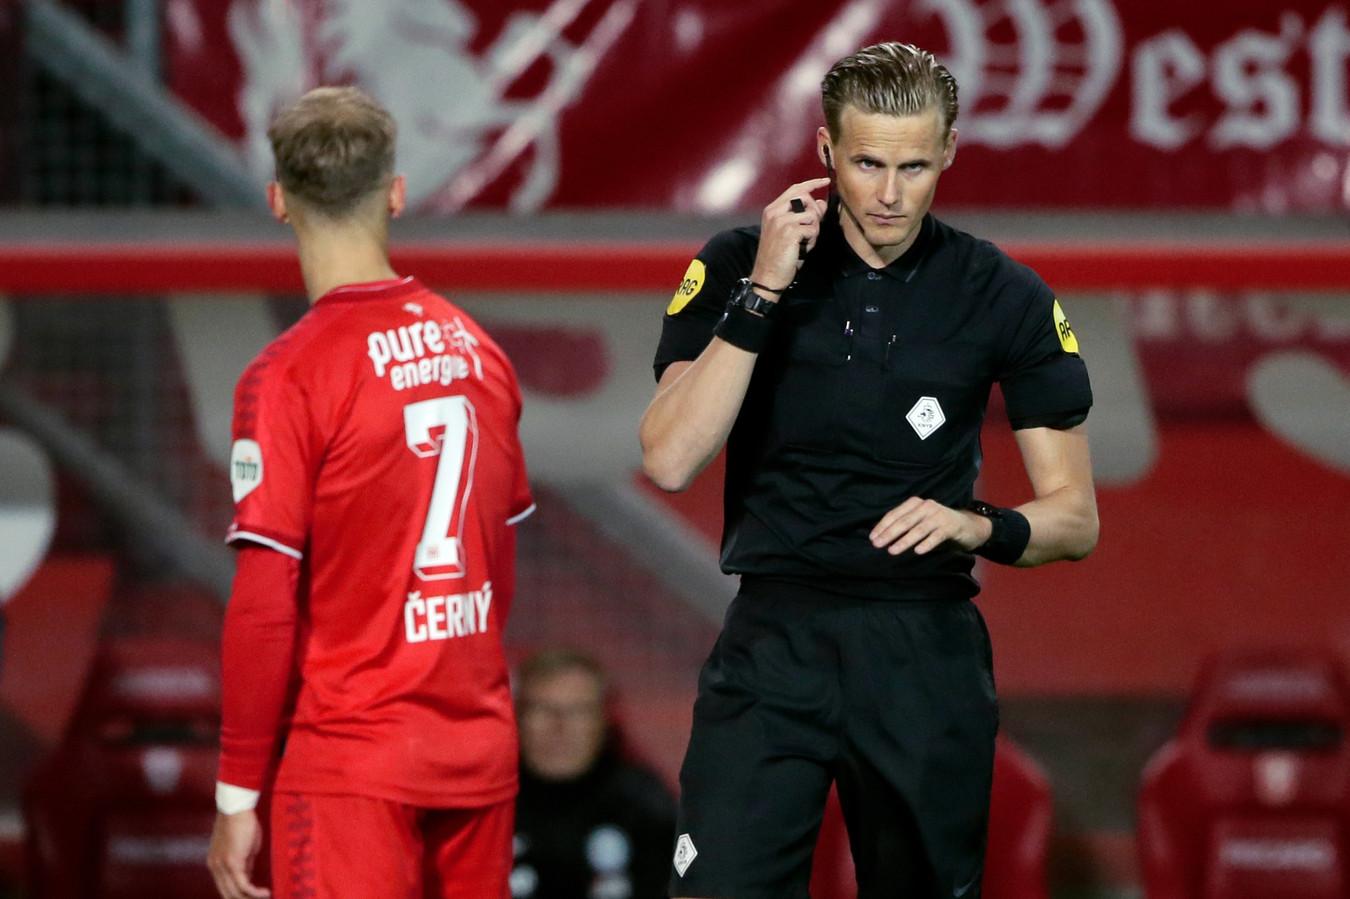 Referee Sander van der Eijk heeft contact met de VAR, terwijl de doelpuntenmaker Vaclav Cerny wacht en toekijkt.